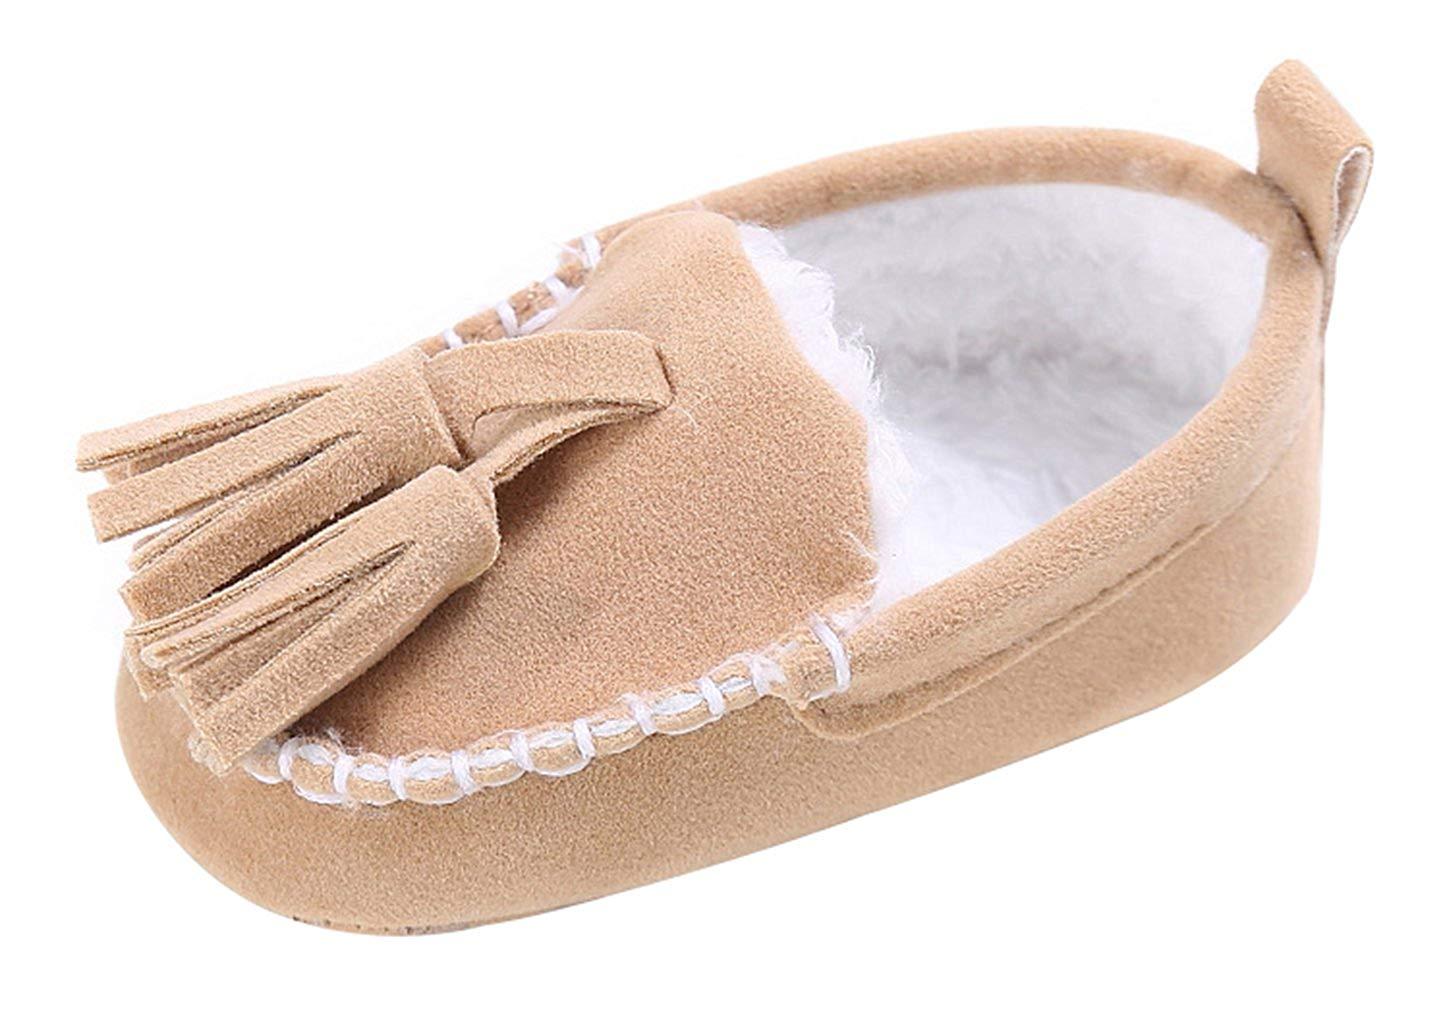 5ff8160f1d1 Get Quotations · La Vogue Baby Tassels Walking Shoes Winter Plush Soft  Cotton Shoes